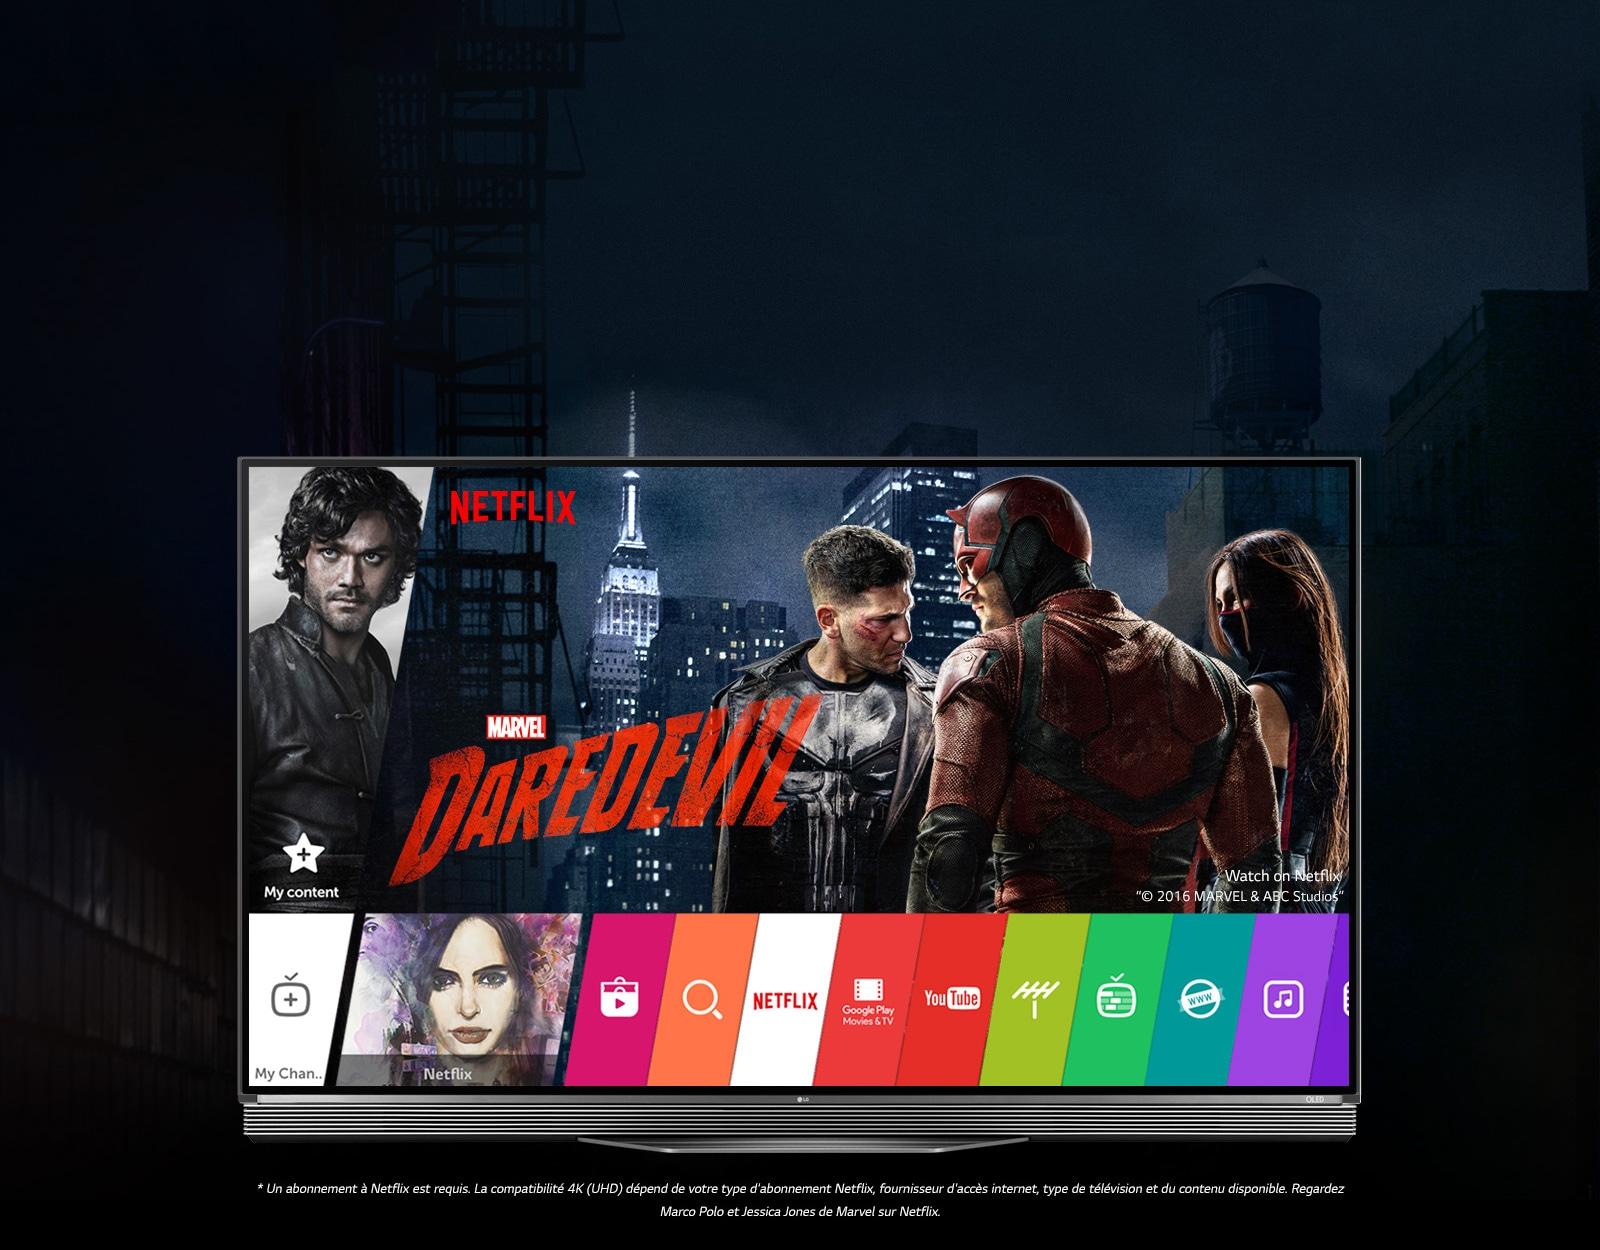 Le LG TV OLED SIGNATURE est la parfaite association pour visionner Netflix